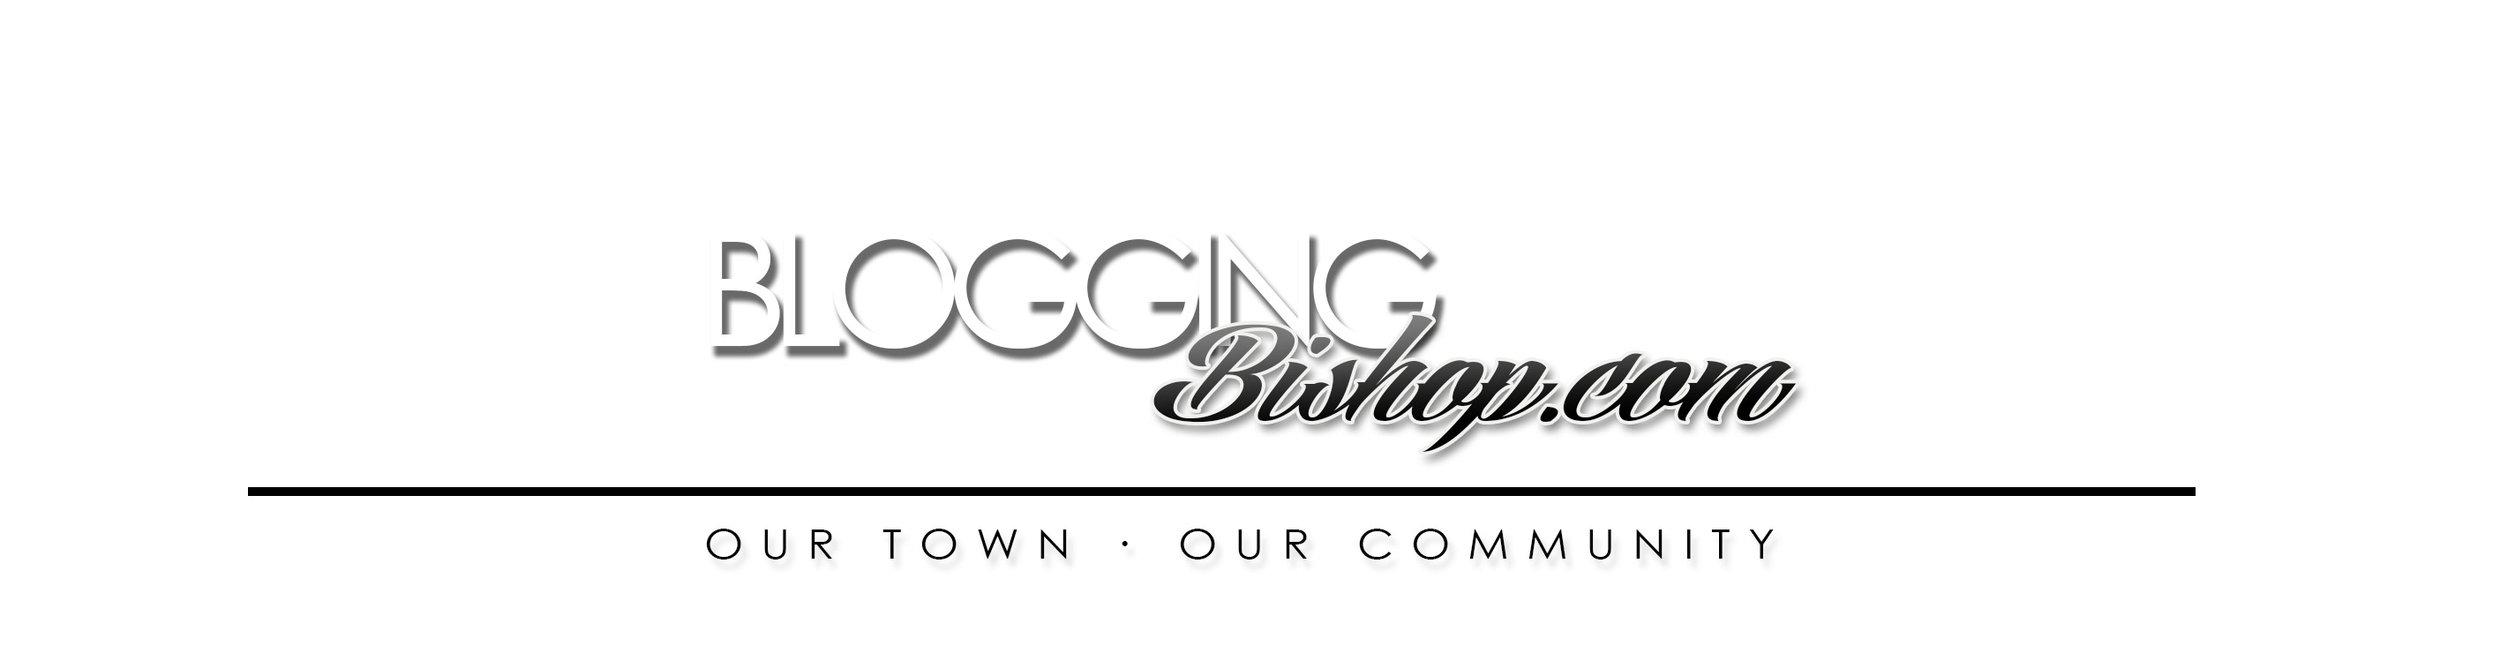 Blogging Bishop